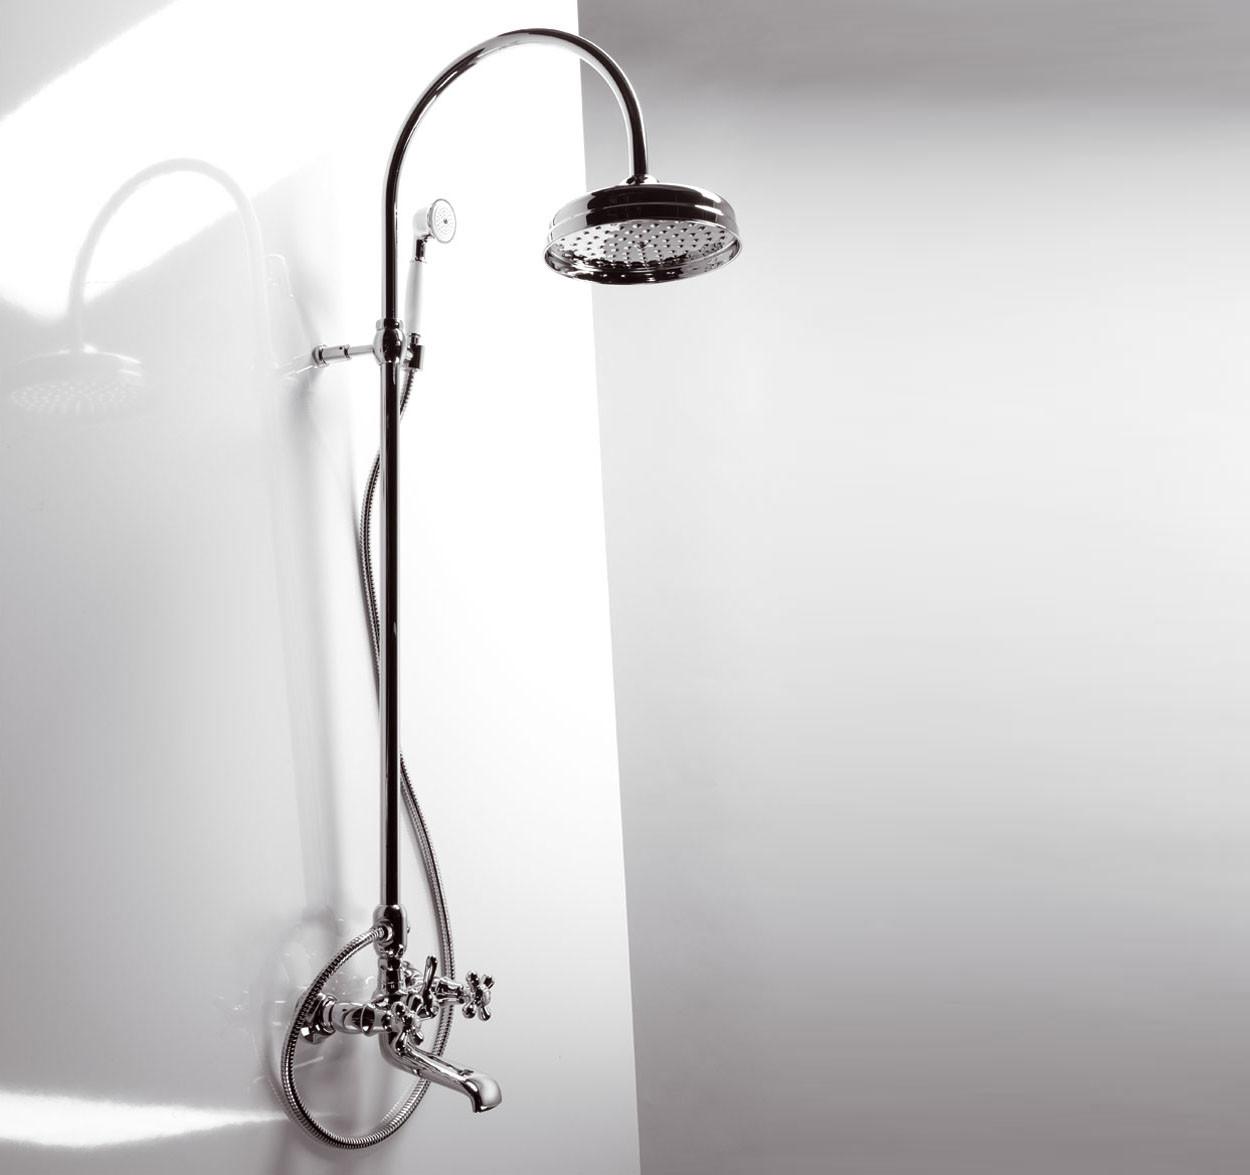 Смеситель для ванной Emmevi DECO classic колонна хром CR1261181